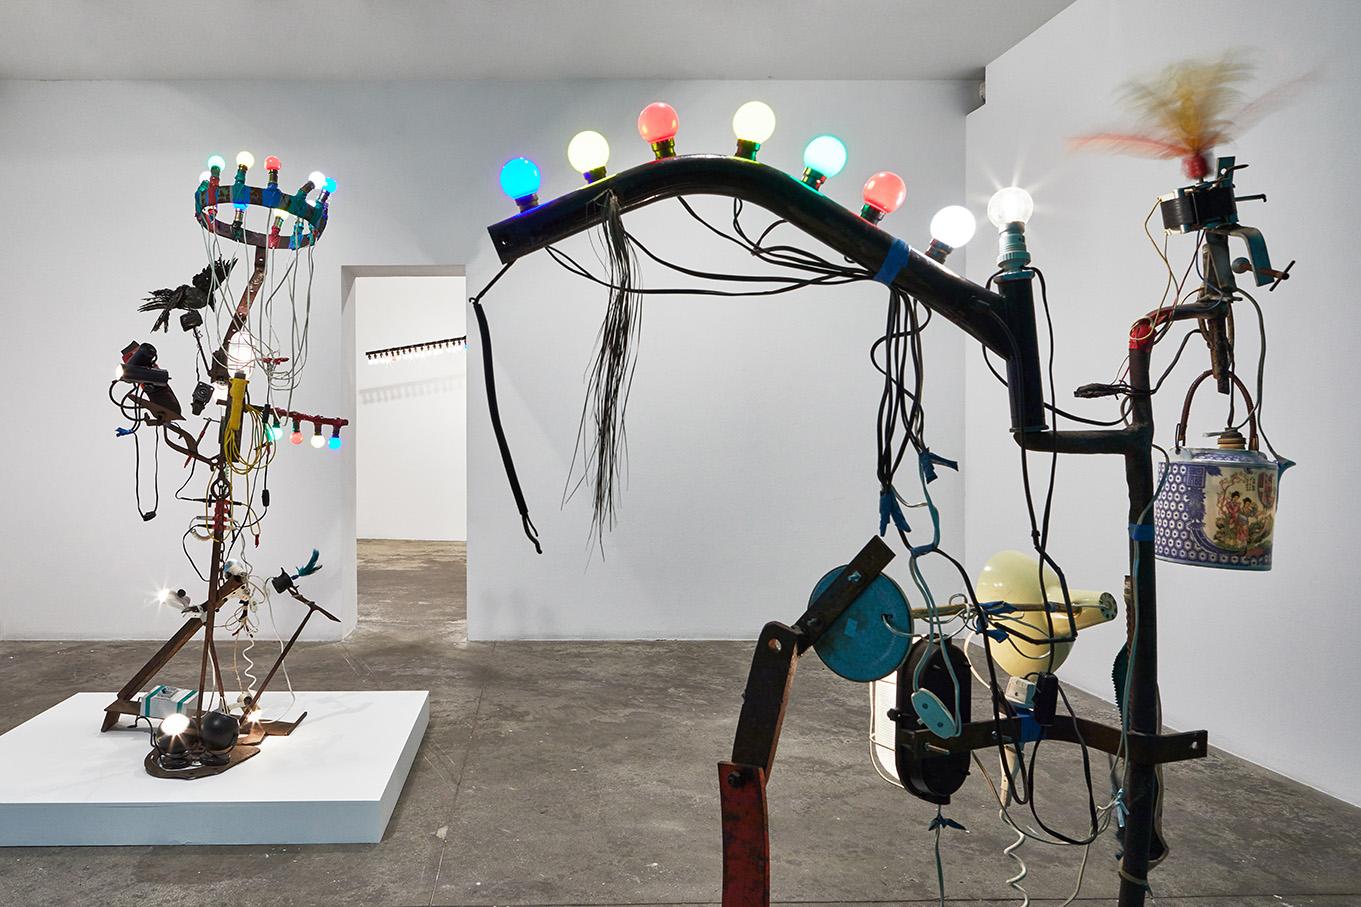 Exhibition view ?« Jean Tinguely, Bricolages & Débri(s)collages », 2019.Photo: Aurélien Mole ; Courtesy Galerie GP & N Vallois, Paris